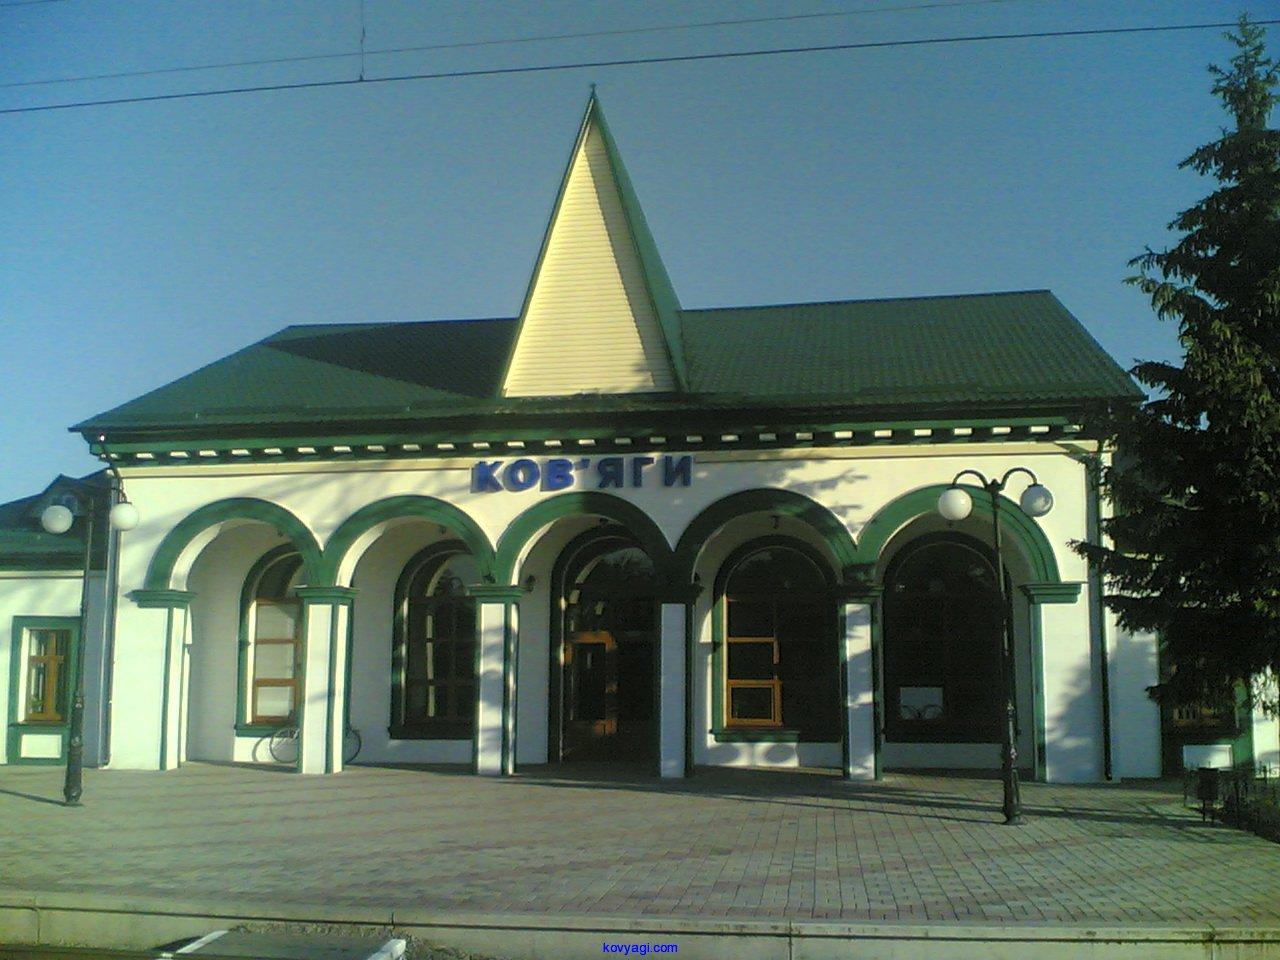 Вокзал Ковяги